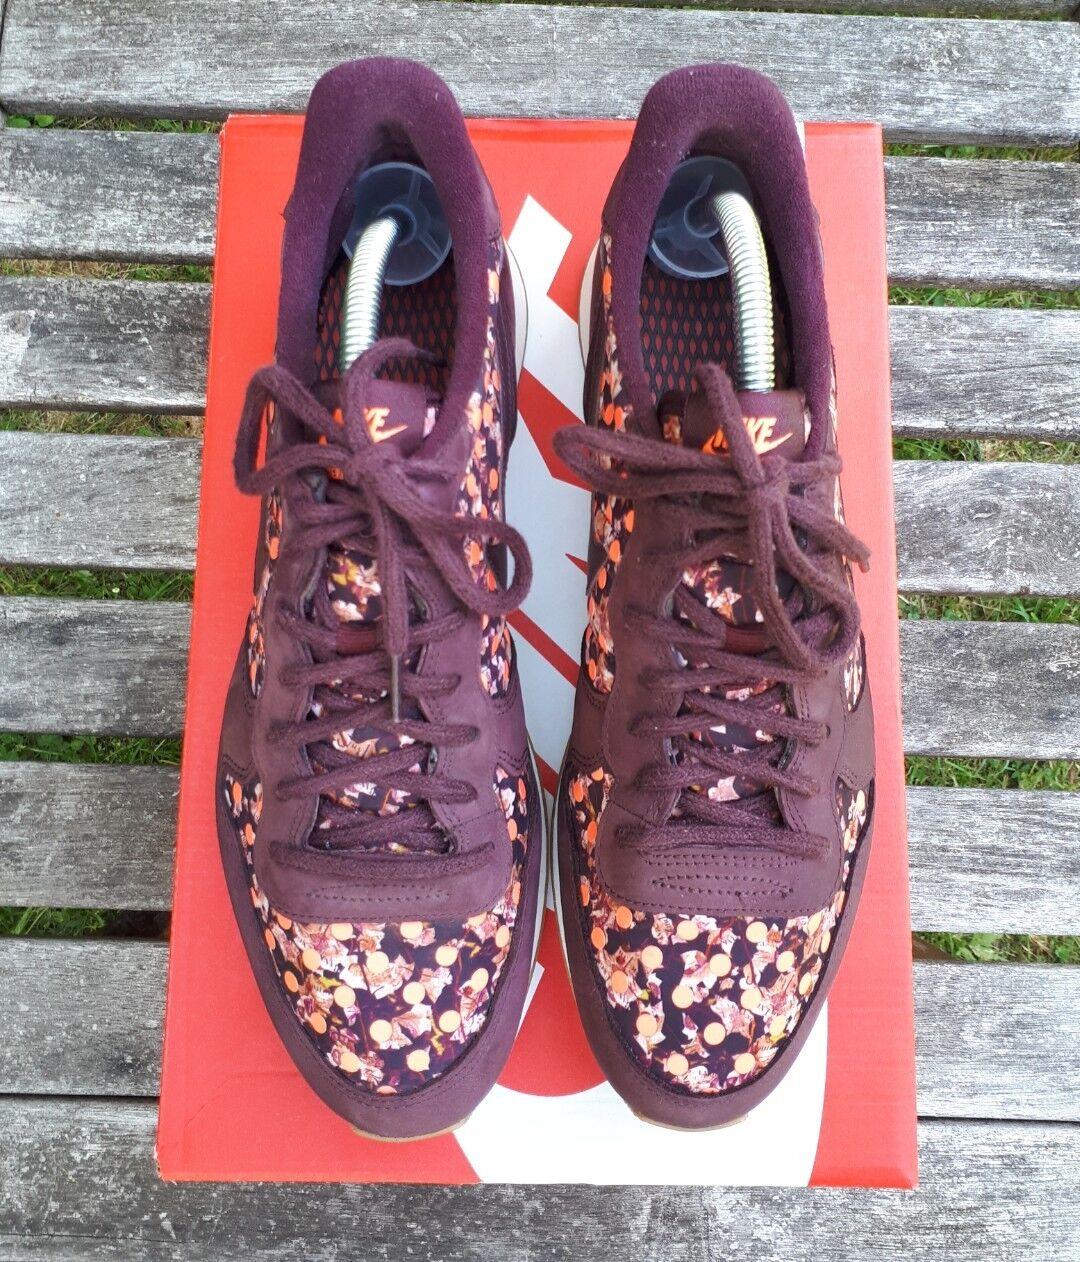 Nike Internationalist x Liberty of London WMNS US 10,5 Patta Vortex Epic Afew Patta 10,5 d93fcd